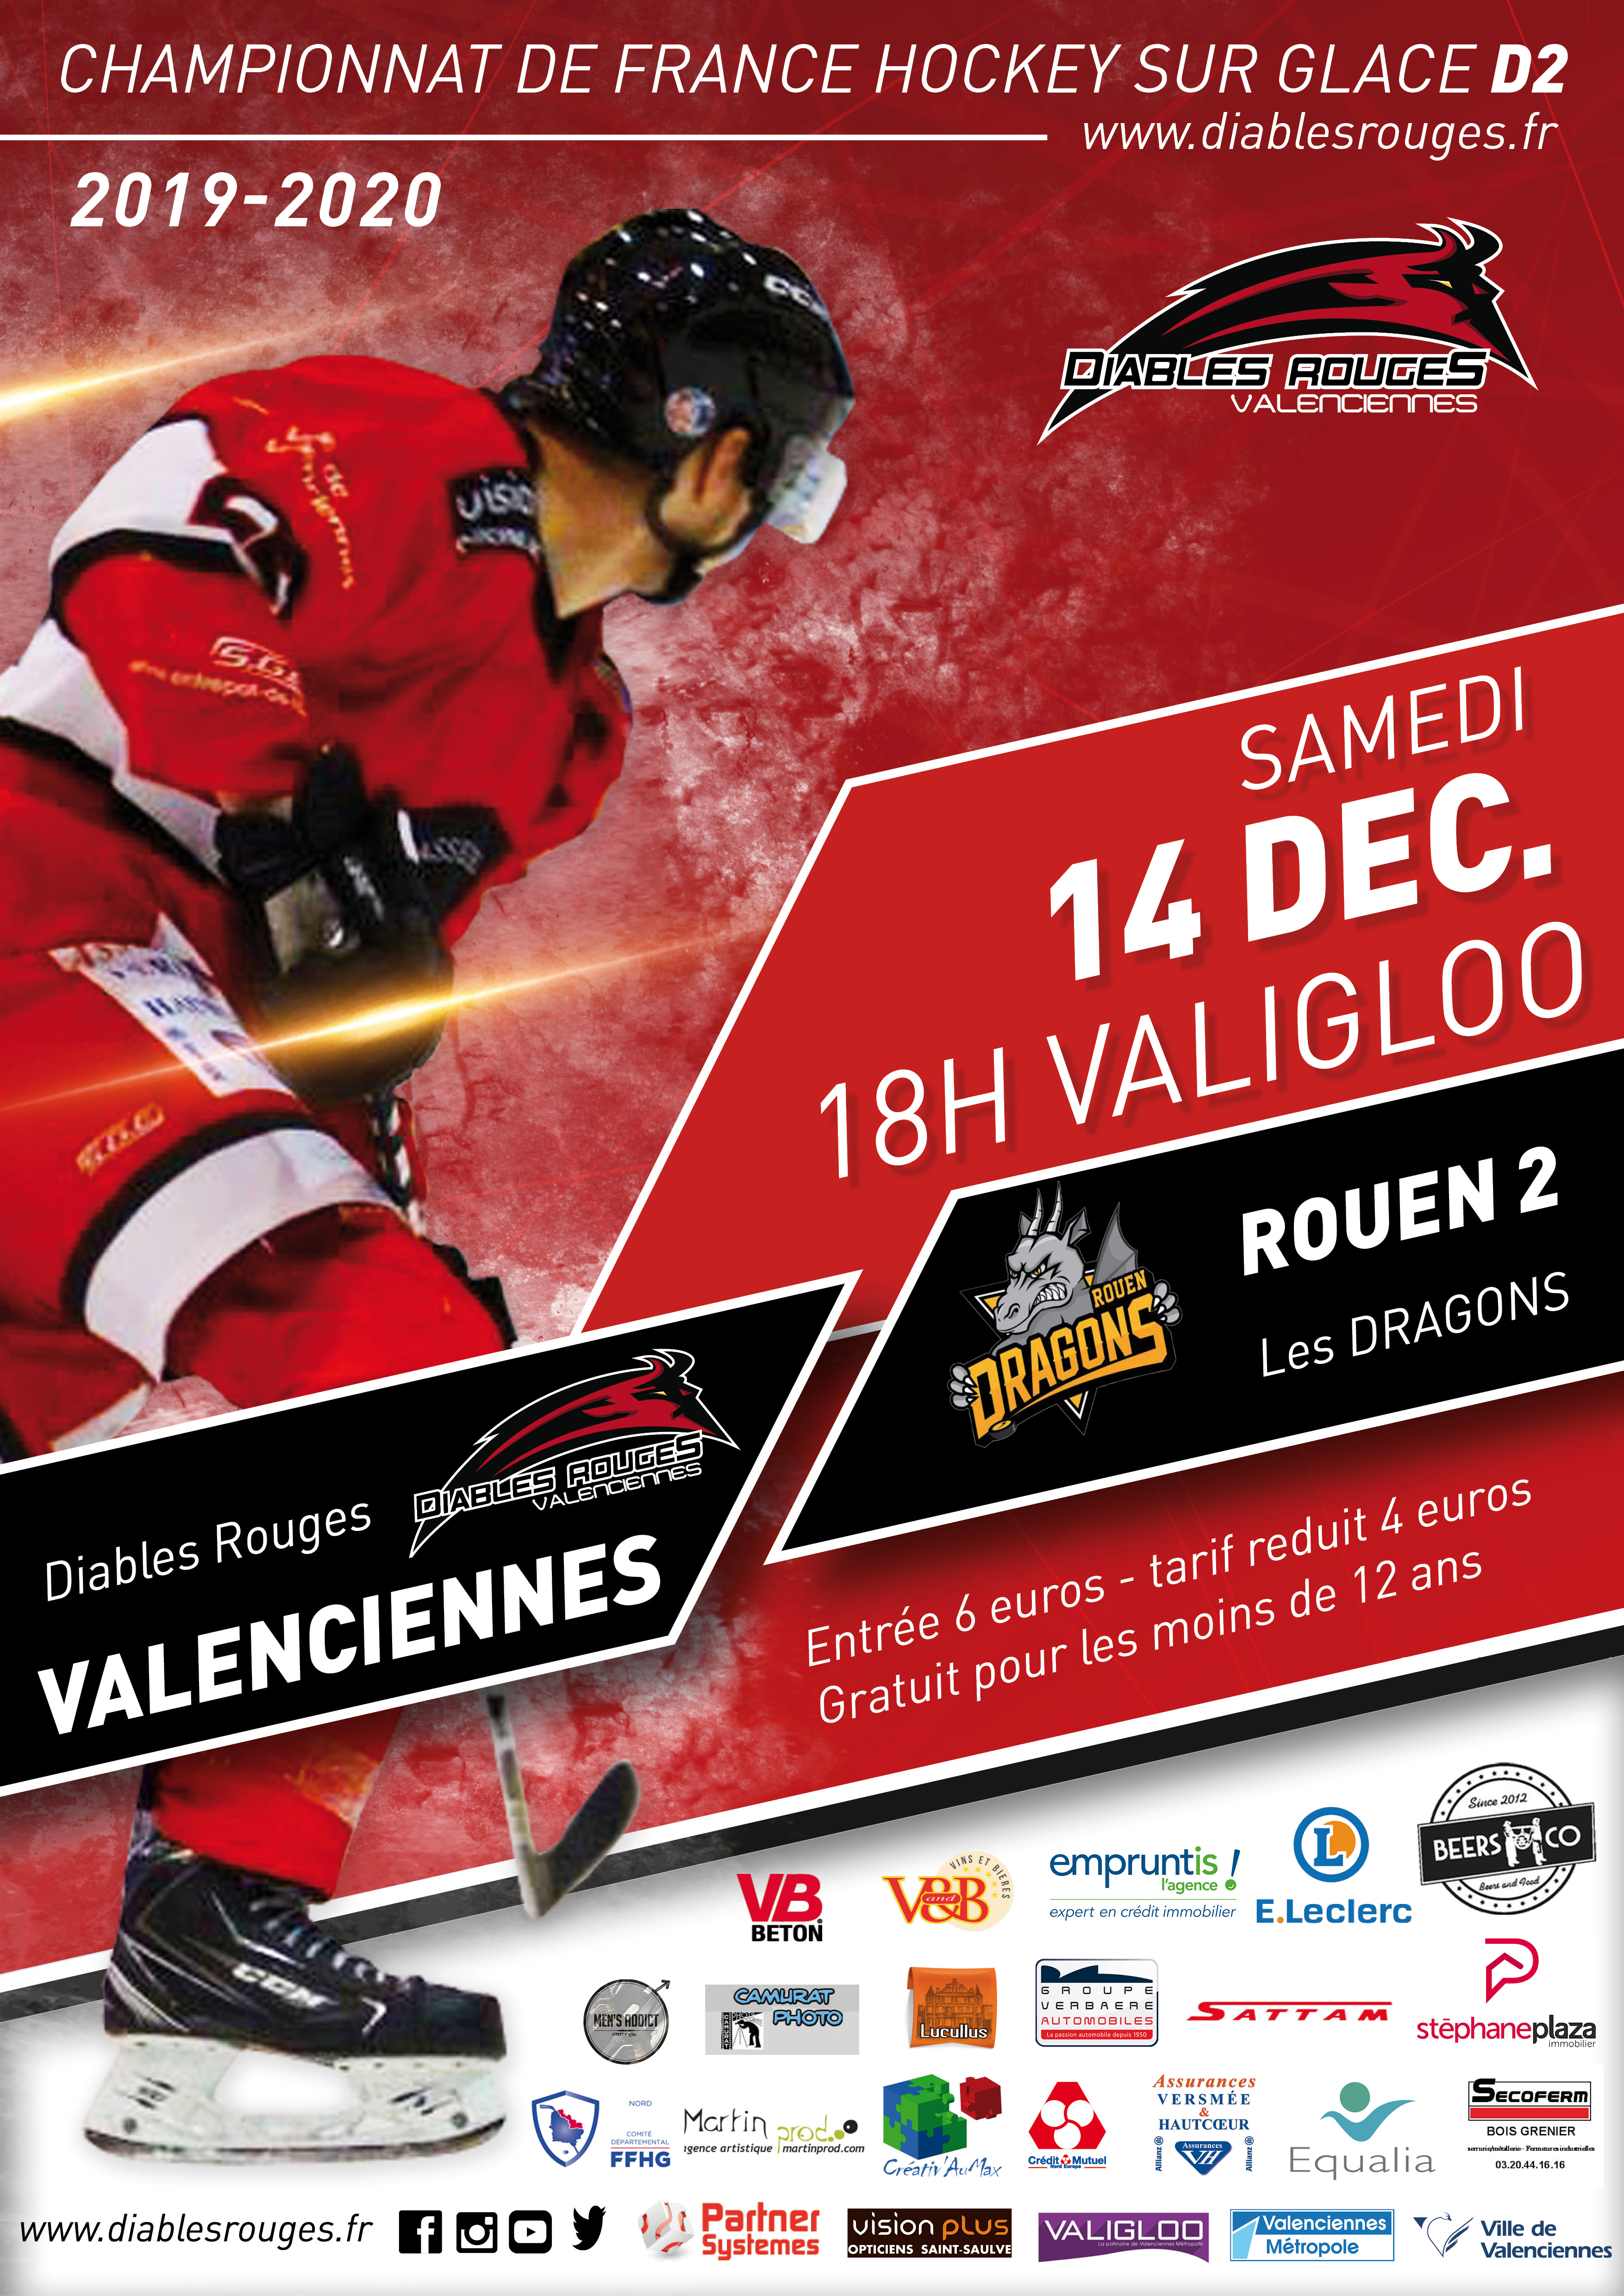 Valenciennes reçoit Rouen² ce samedi 14 décembre 2019